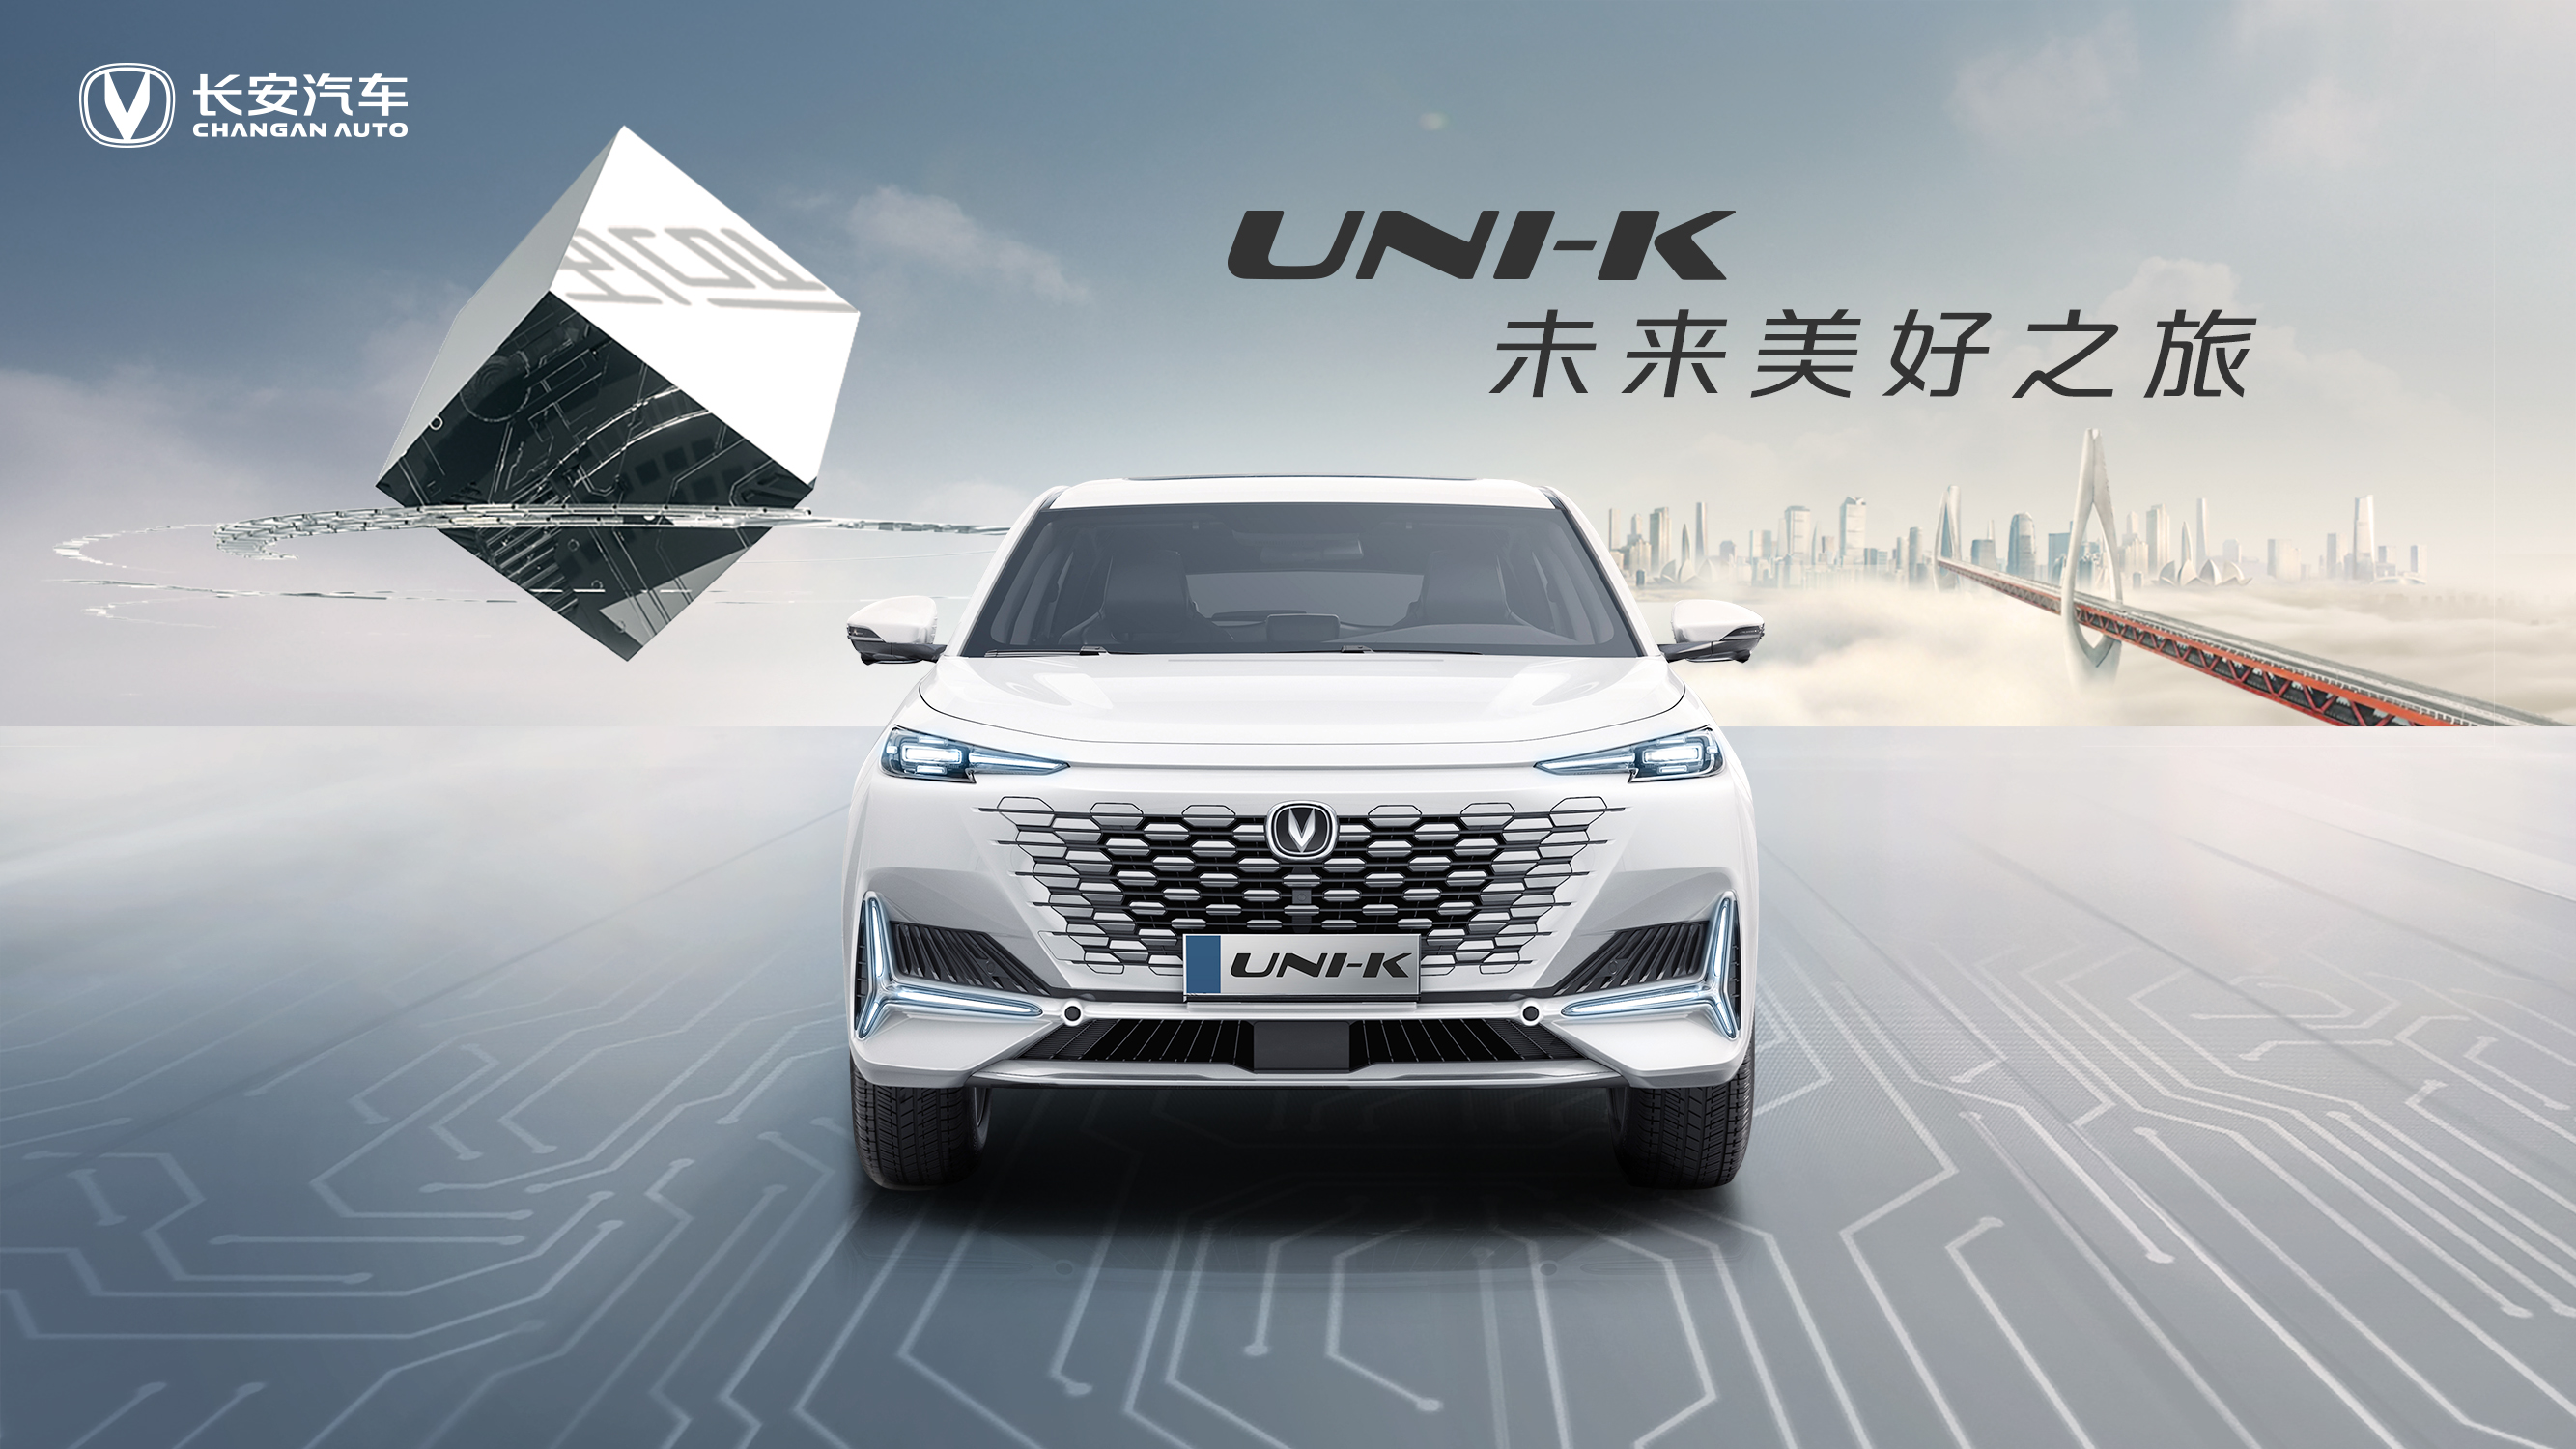 UNI-K未来美好之旅【沟通美好】